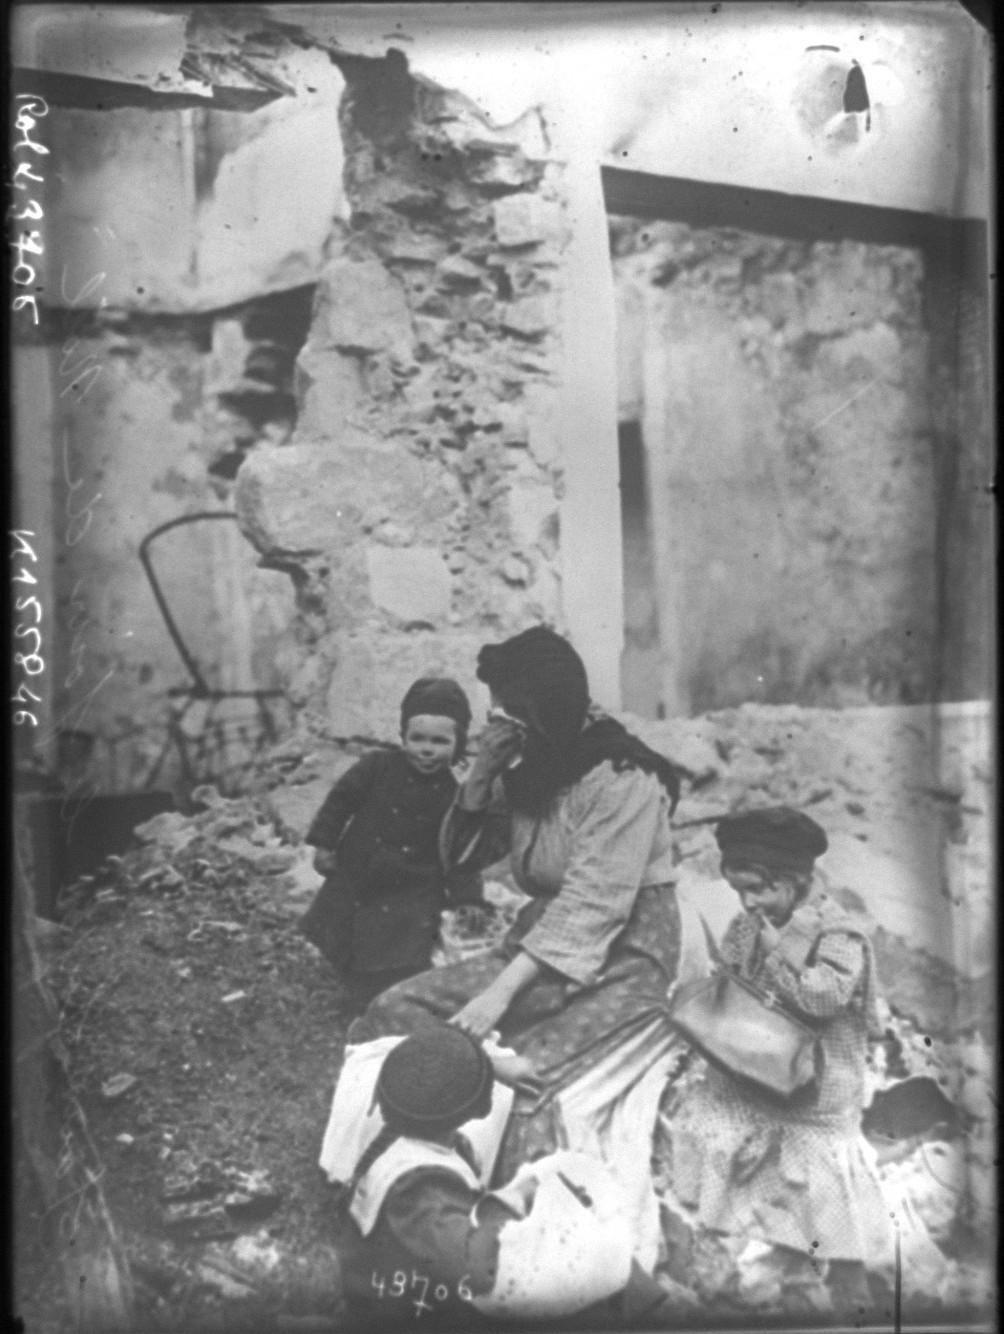 1914. Бездомные на Рождество. Женщина плачет среди руин, в окружении трех маленьких детей